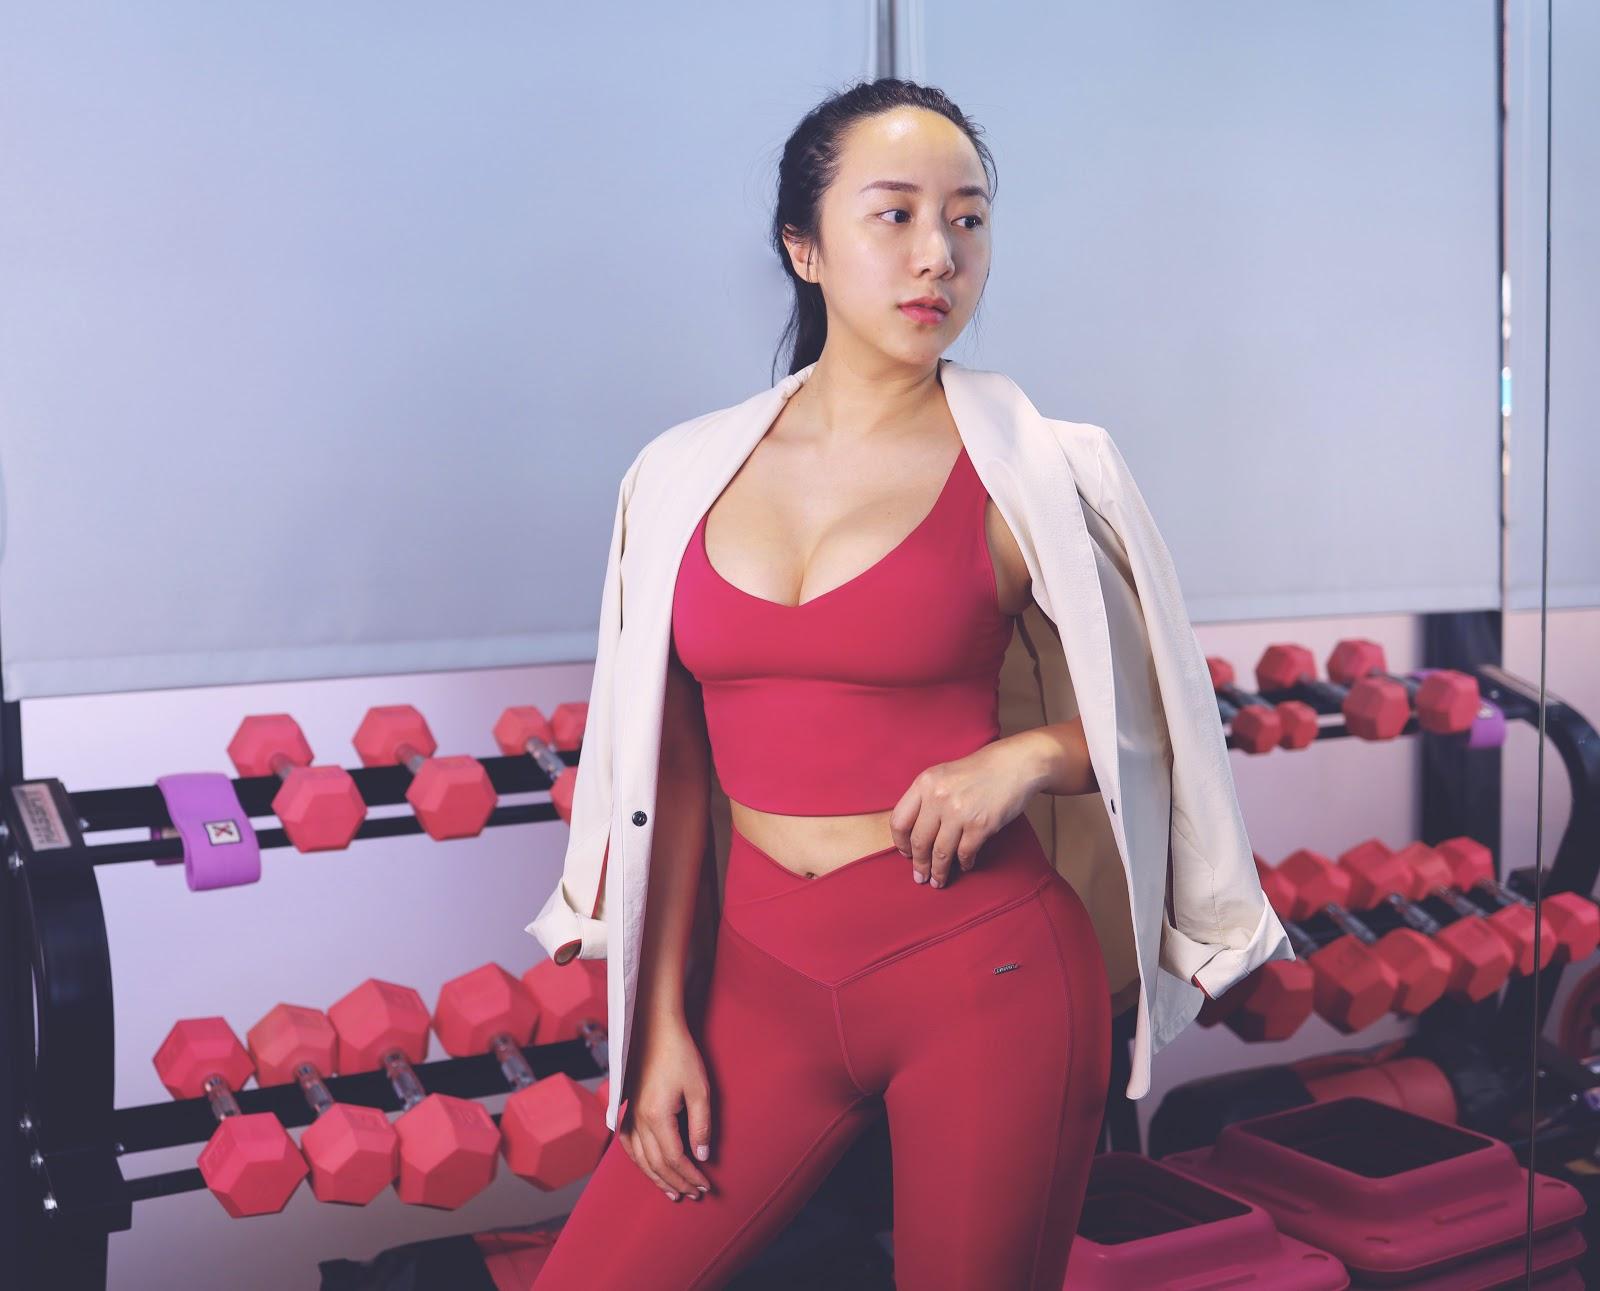 張張 重訓 瑜珈 穿搭 彈力褲 運動內衣 健身 穿搭